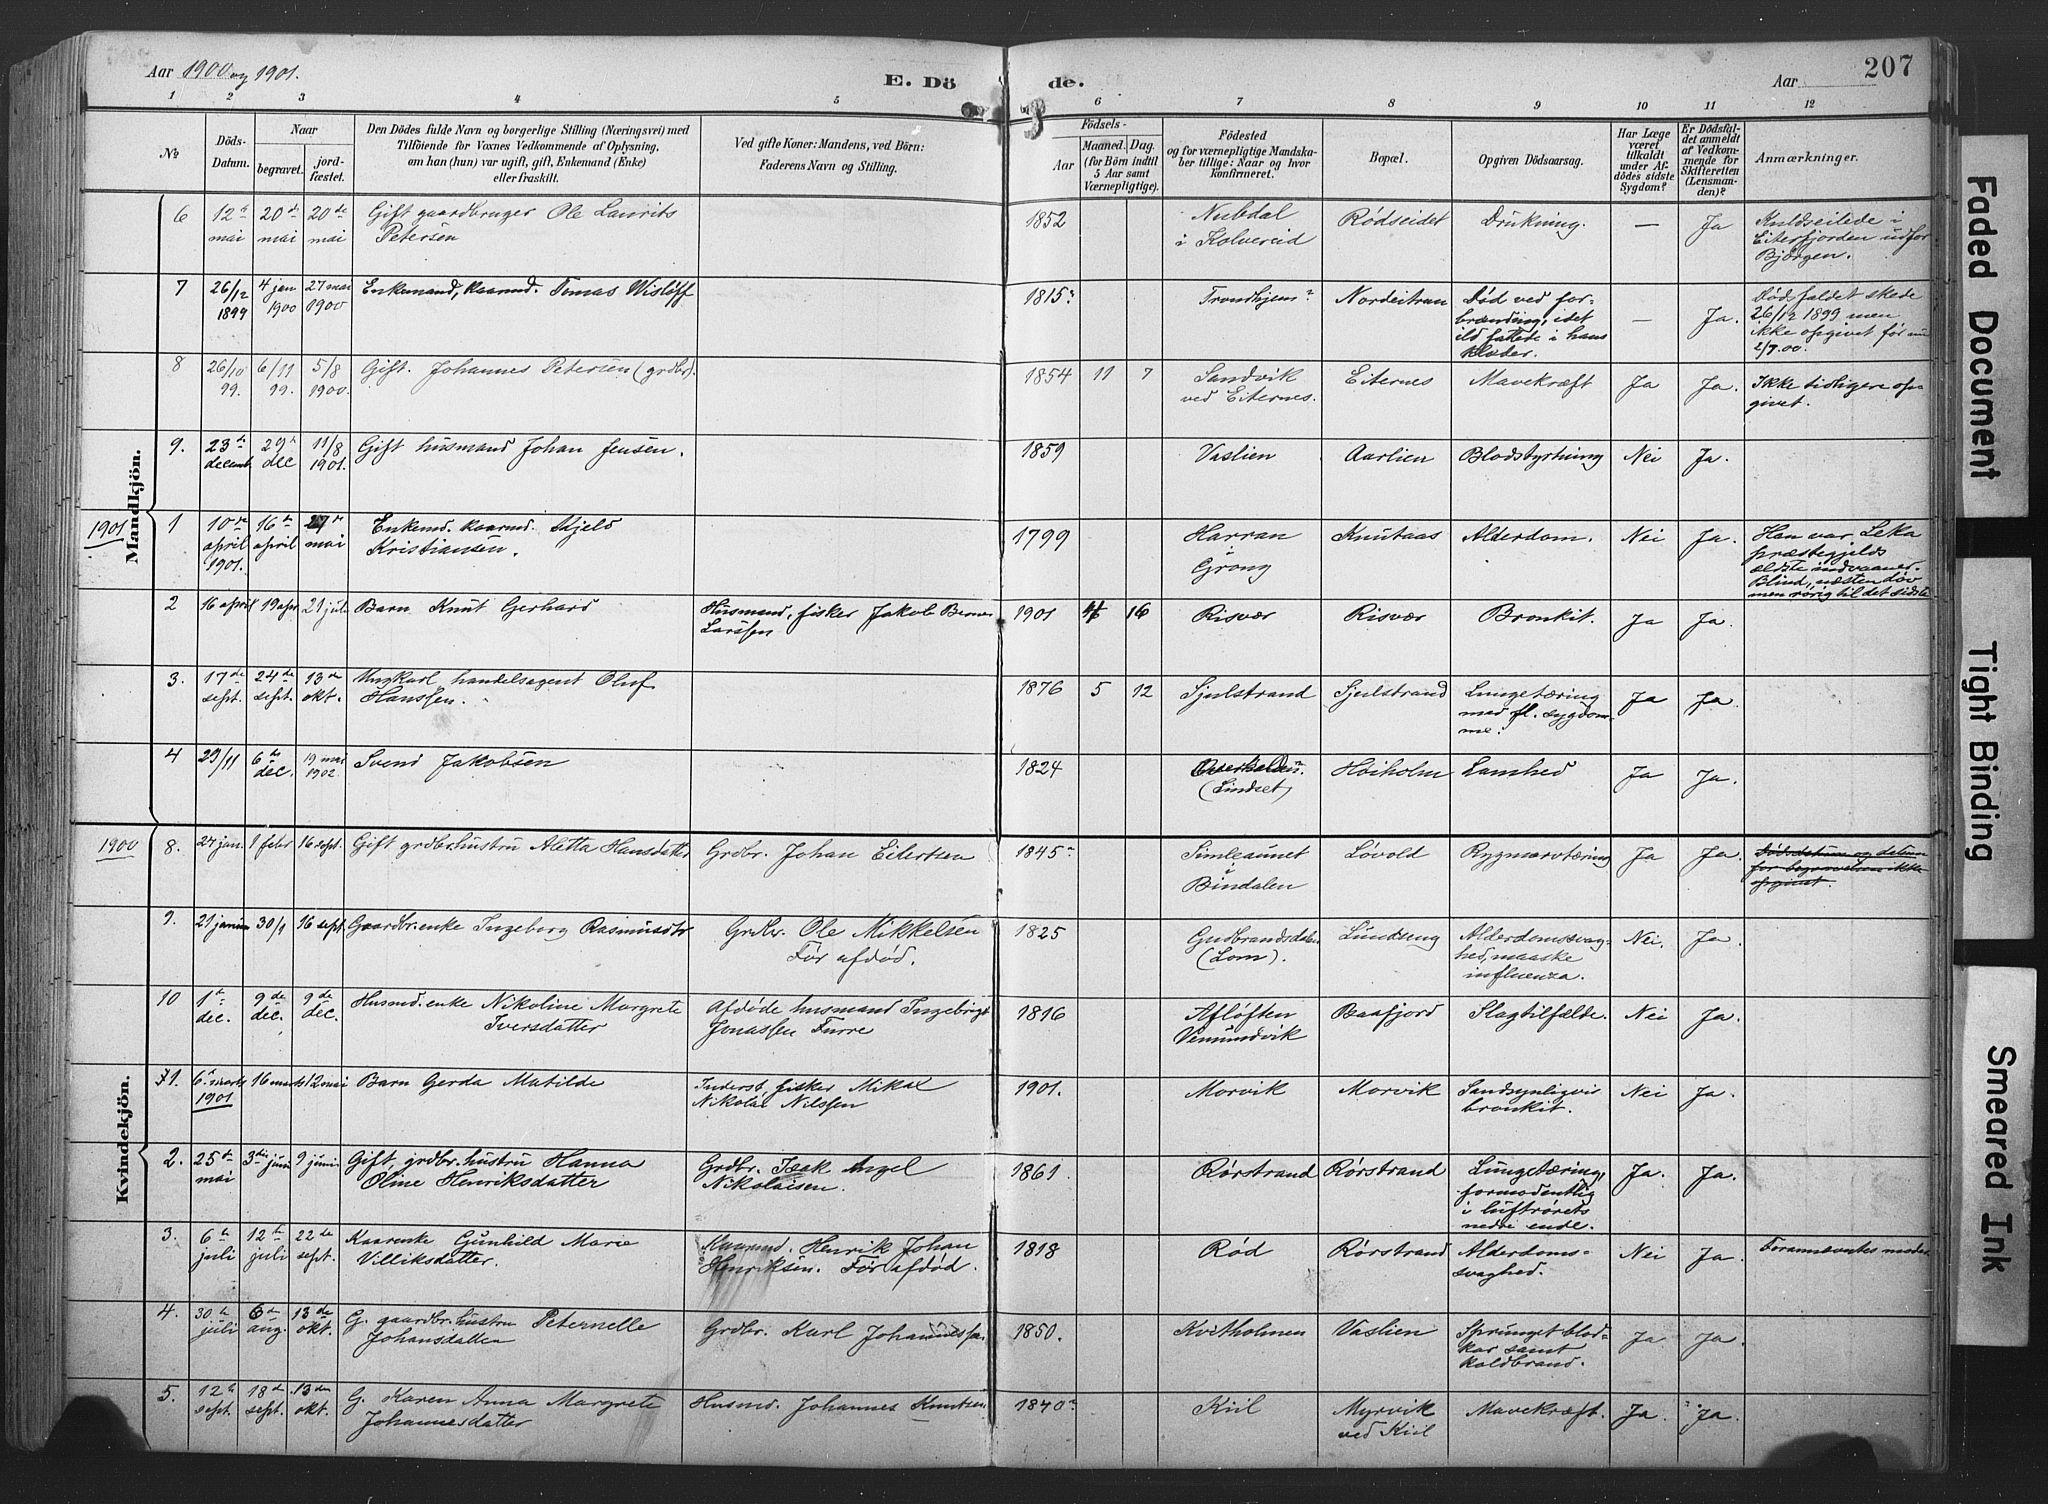 SAT, Ministerialprotokoller, klokkerbøker og fødselsregistre - Nord-Trøndelag, 789/L0706: Klokkerbok nr. 789C01, 1888-1931, s. 207